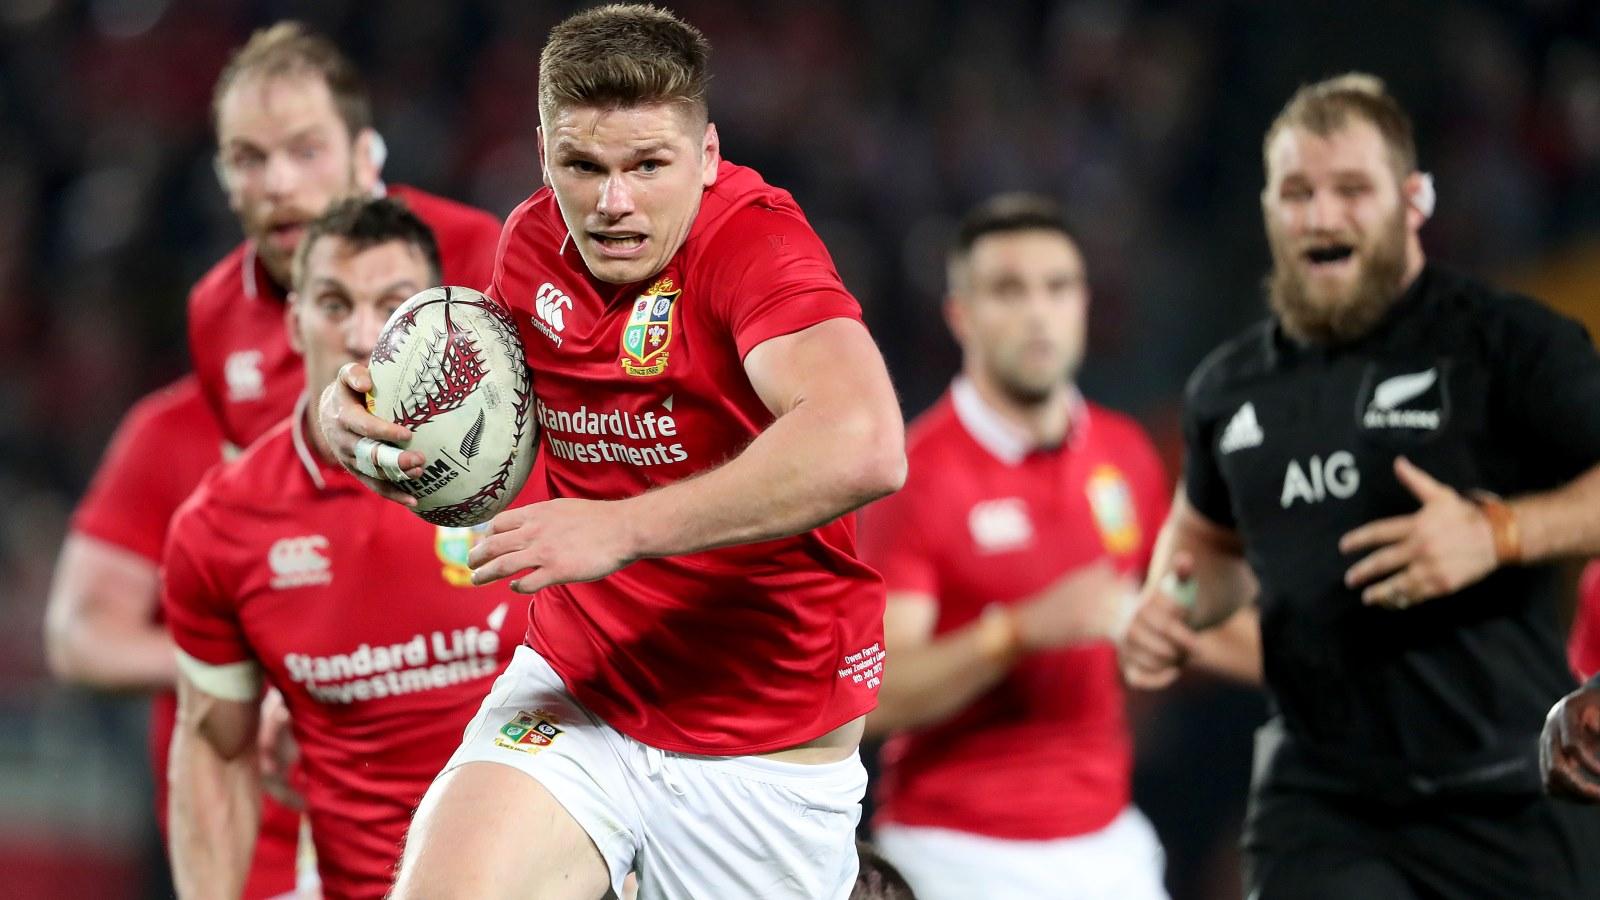 Farrell to lead England in Tonga opener